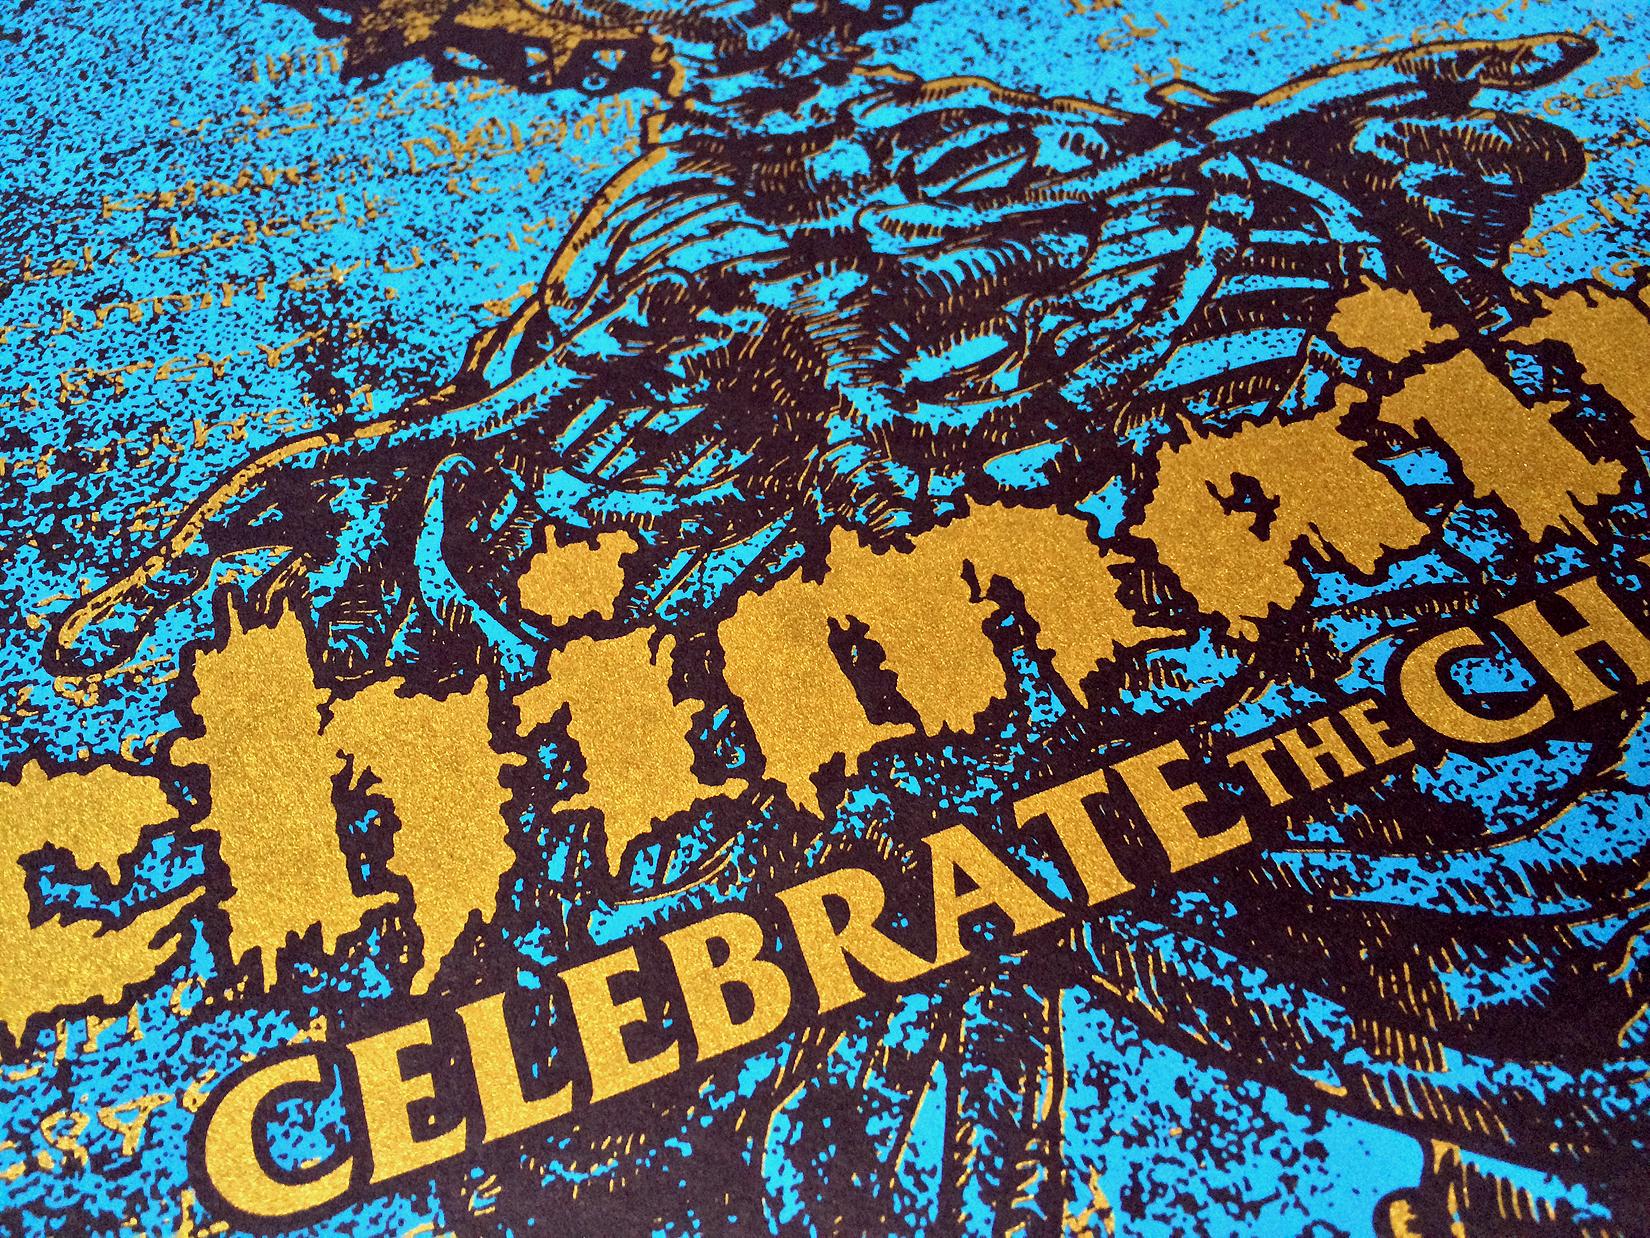 chimaira_poster_close.jpg